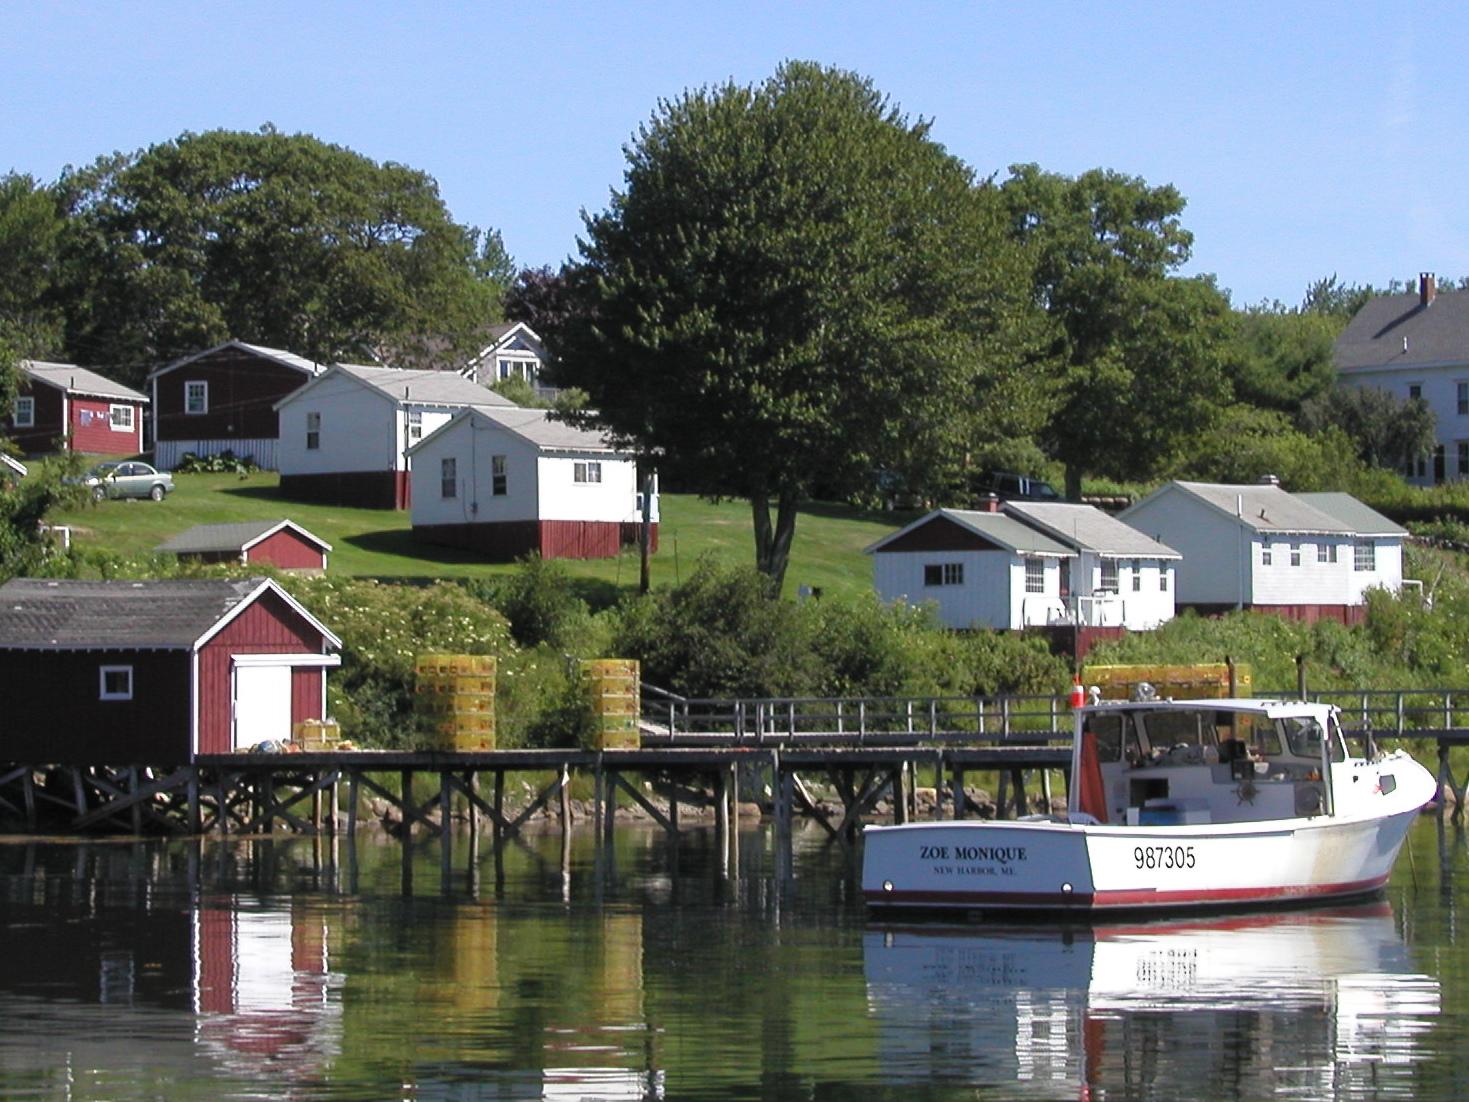 Harborside Cottages & Tom's House